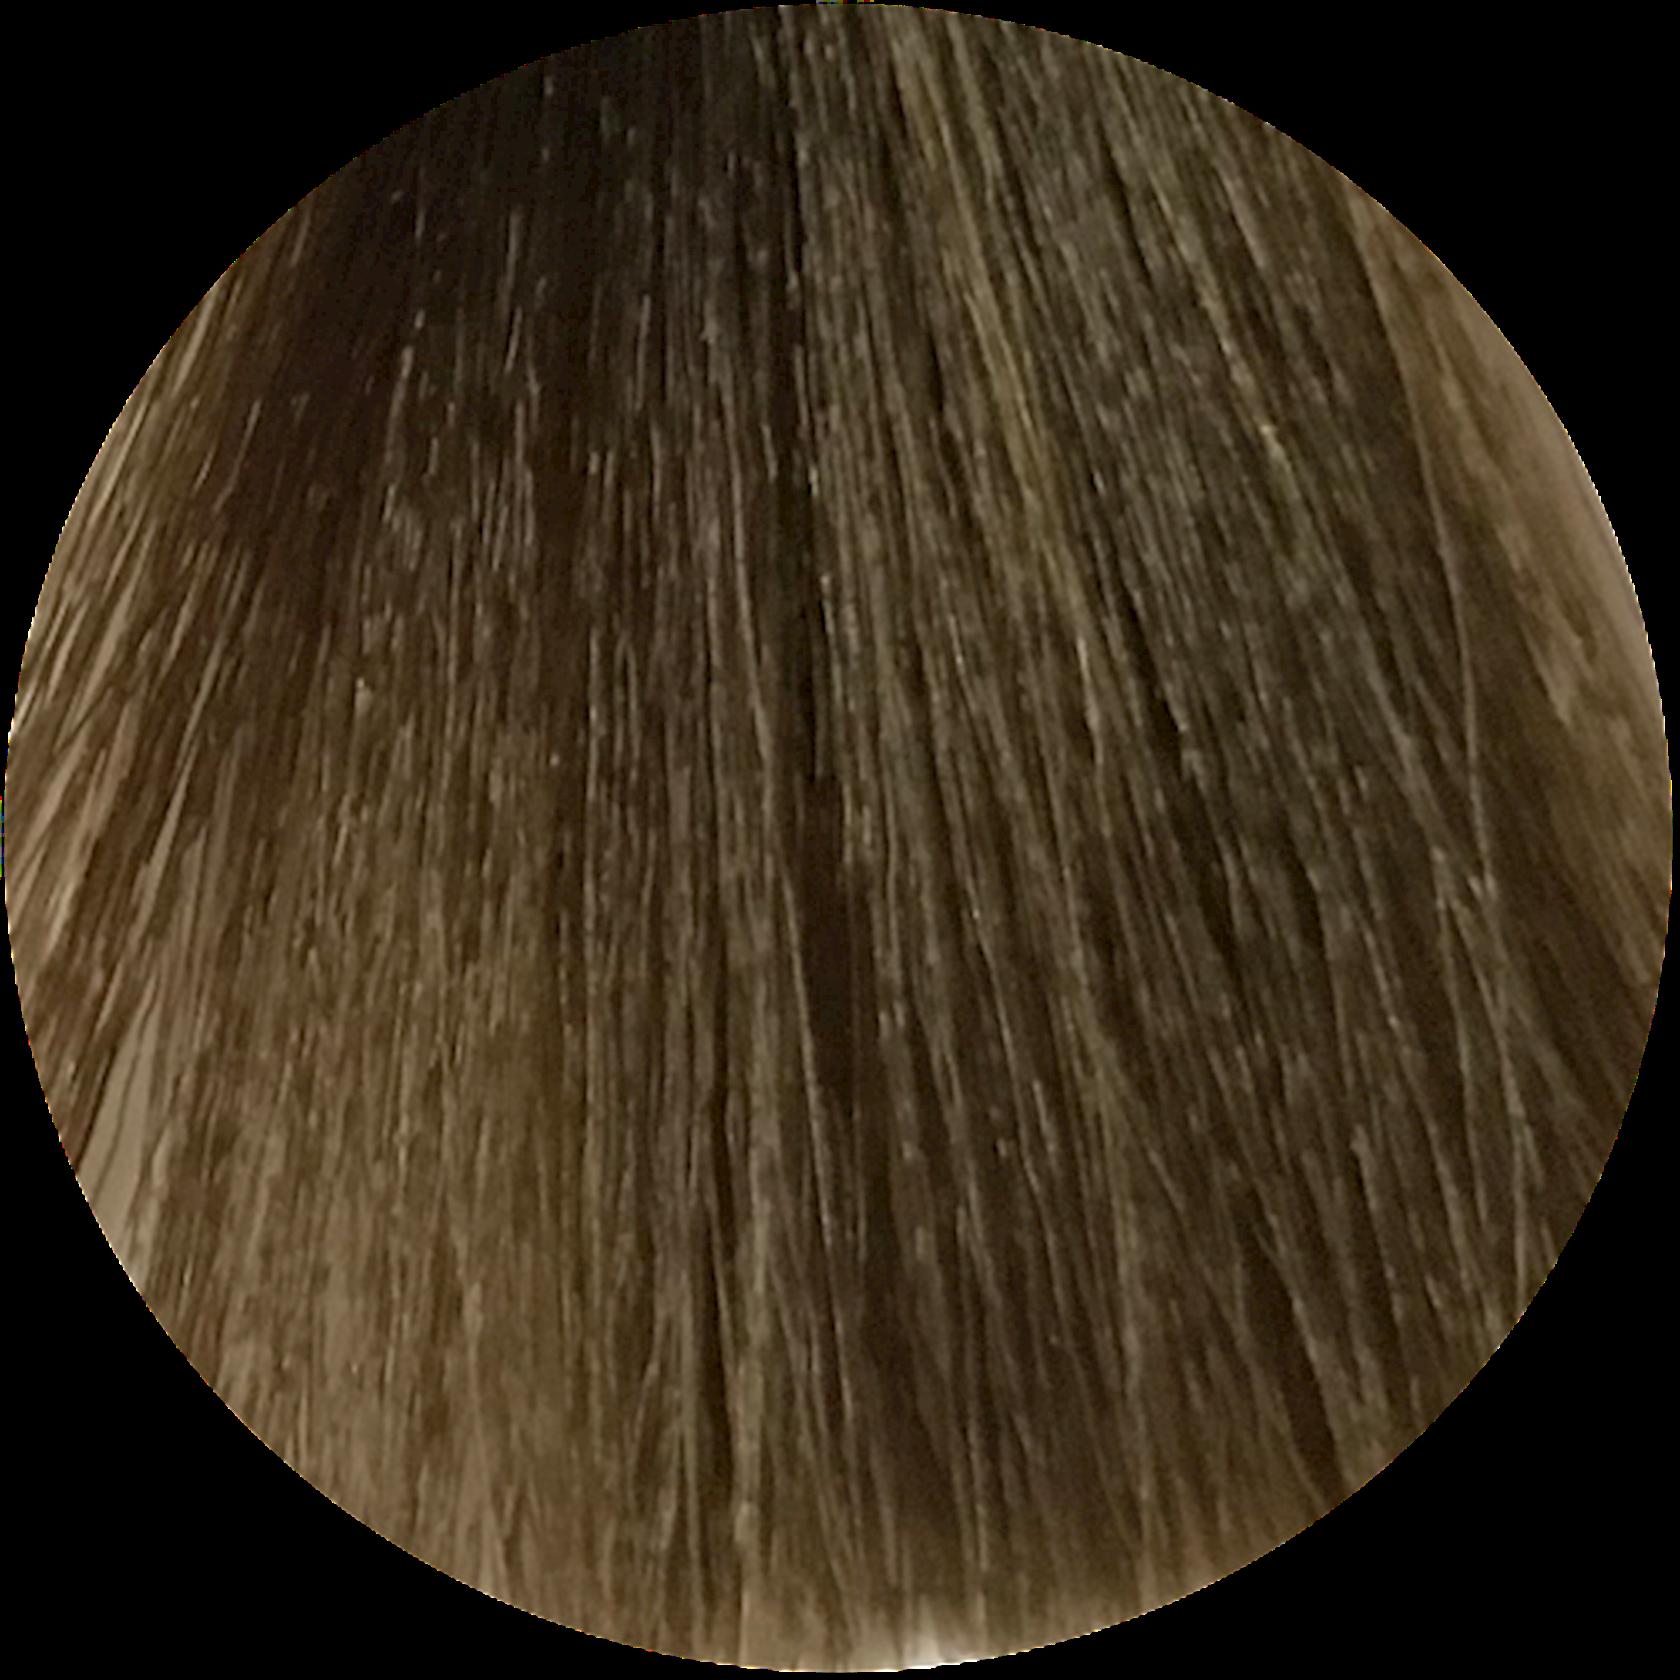 Permanent professional saç boyası keratin ilə Keyracolors  6+ Dərin tünd sarışın 100 ml